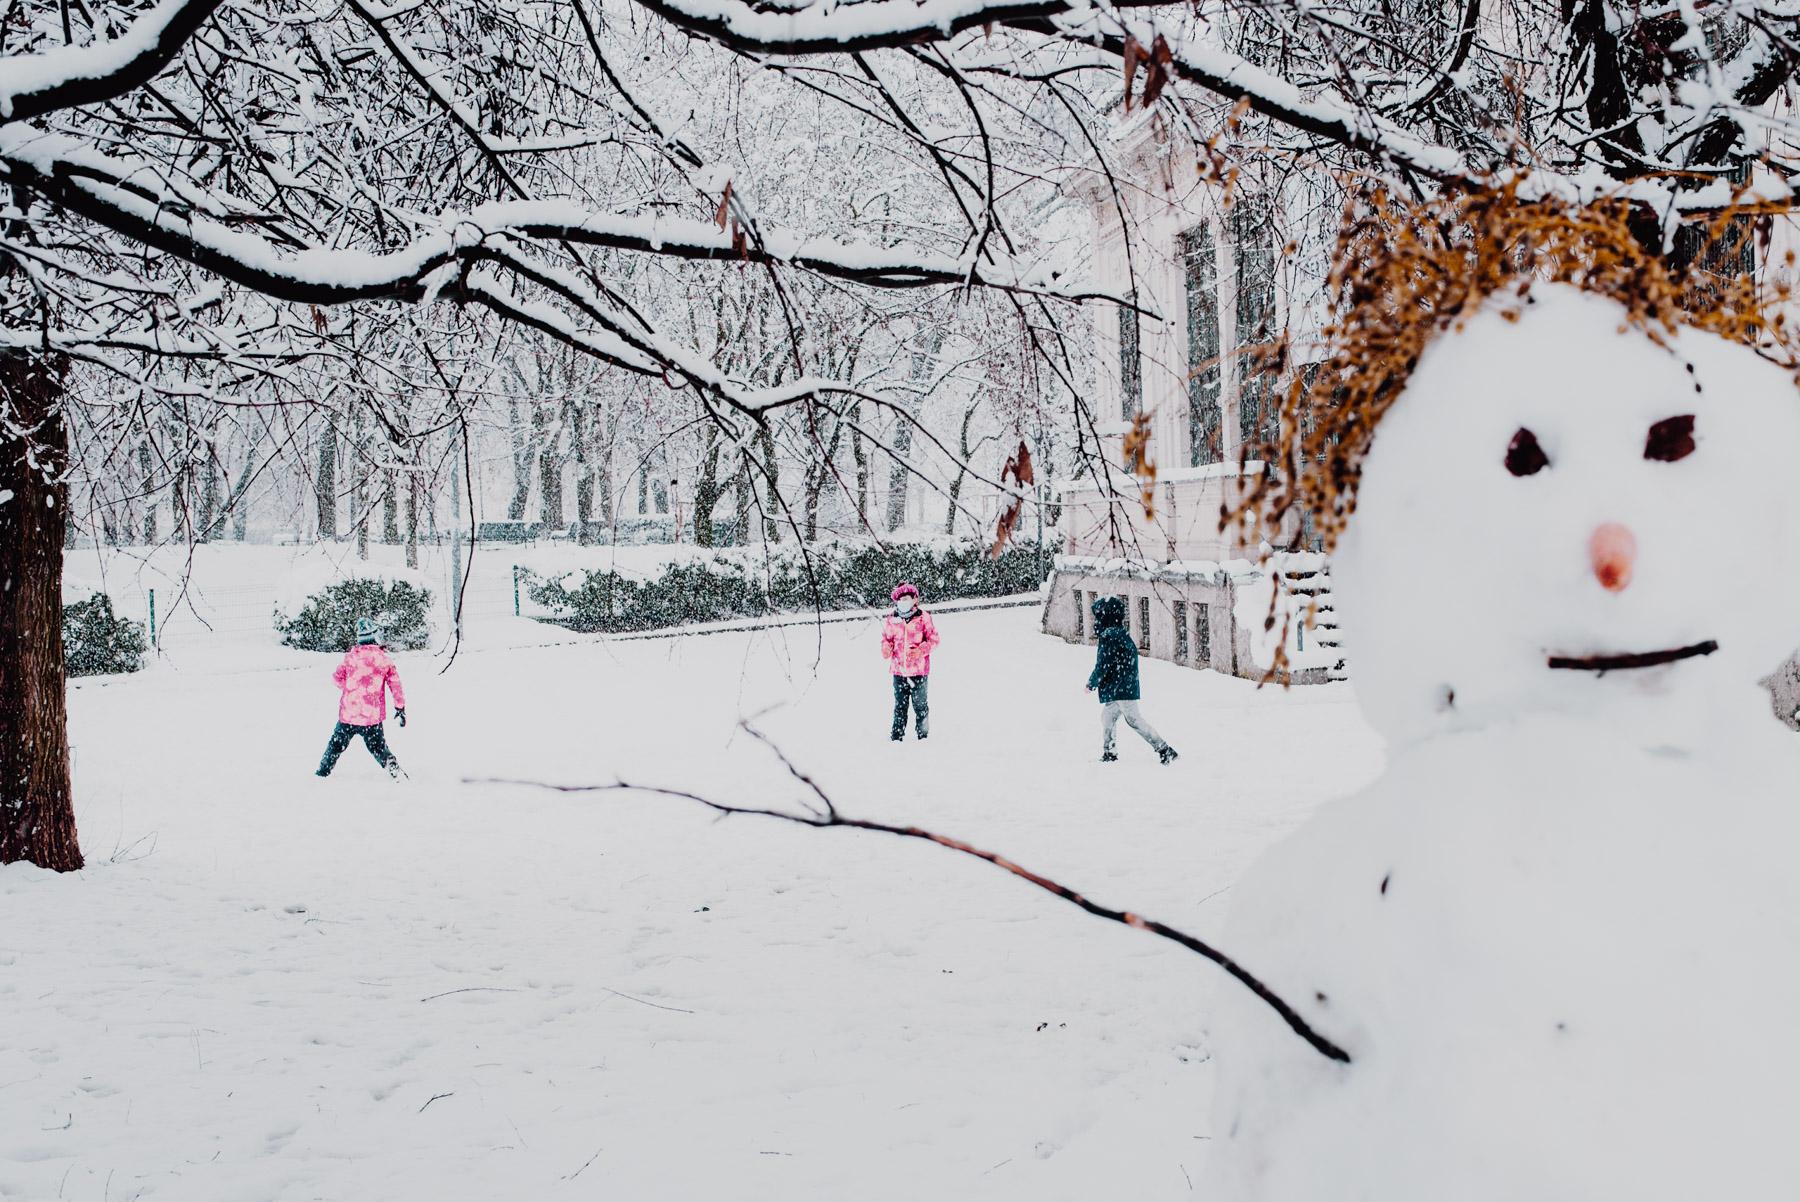 Snow in Milan on December 2020, in Formentano Park there's s snowman and two children playing snowball fights in the background, neve a milano a dicembre 2020 nel parco Formentano al Largo Marinai d'Italia un pupazzo di neve in primo piano svela due bambini che giocano lanciandosi palle di neve sullo sfondo